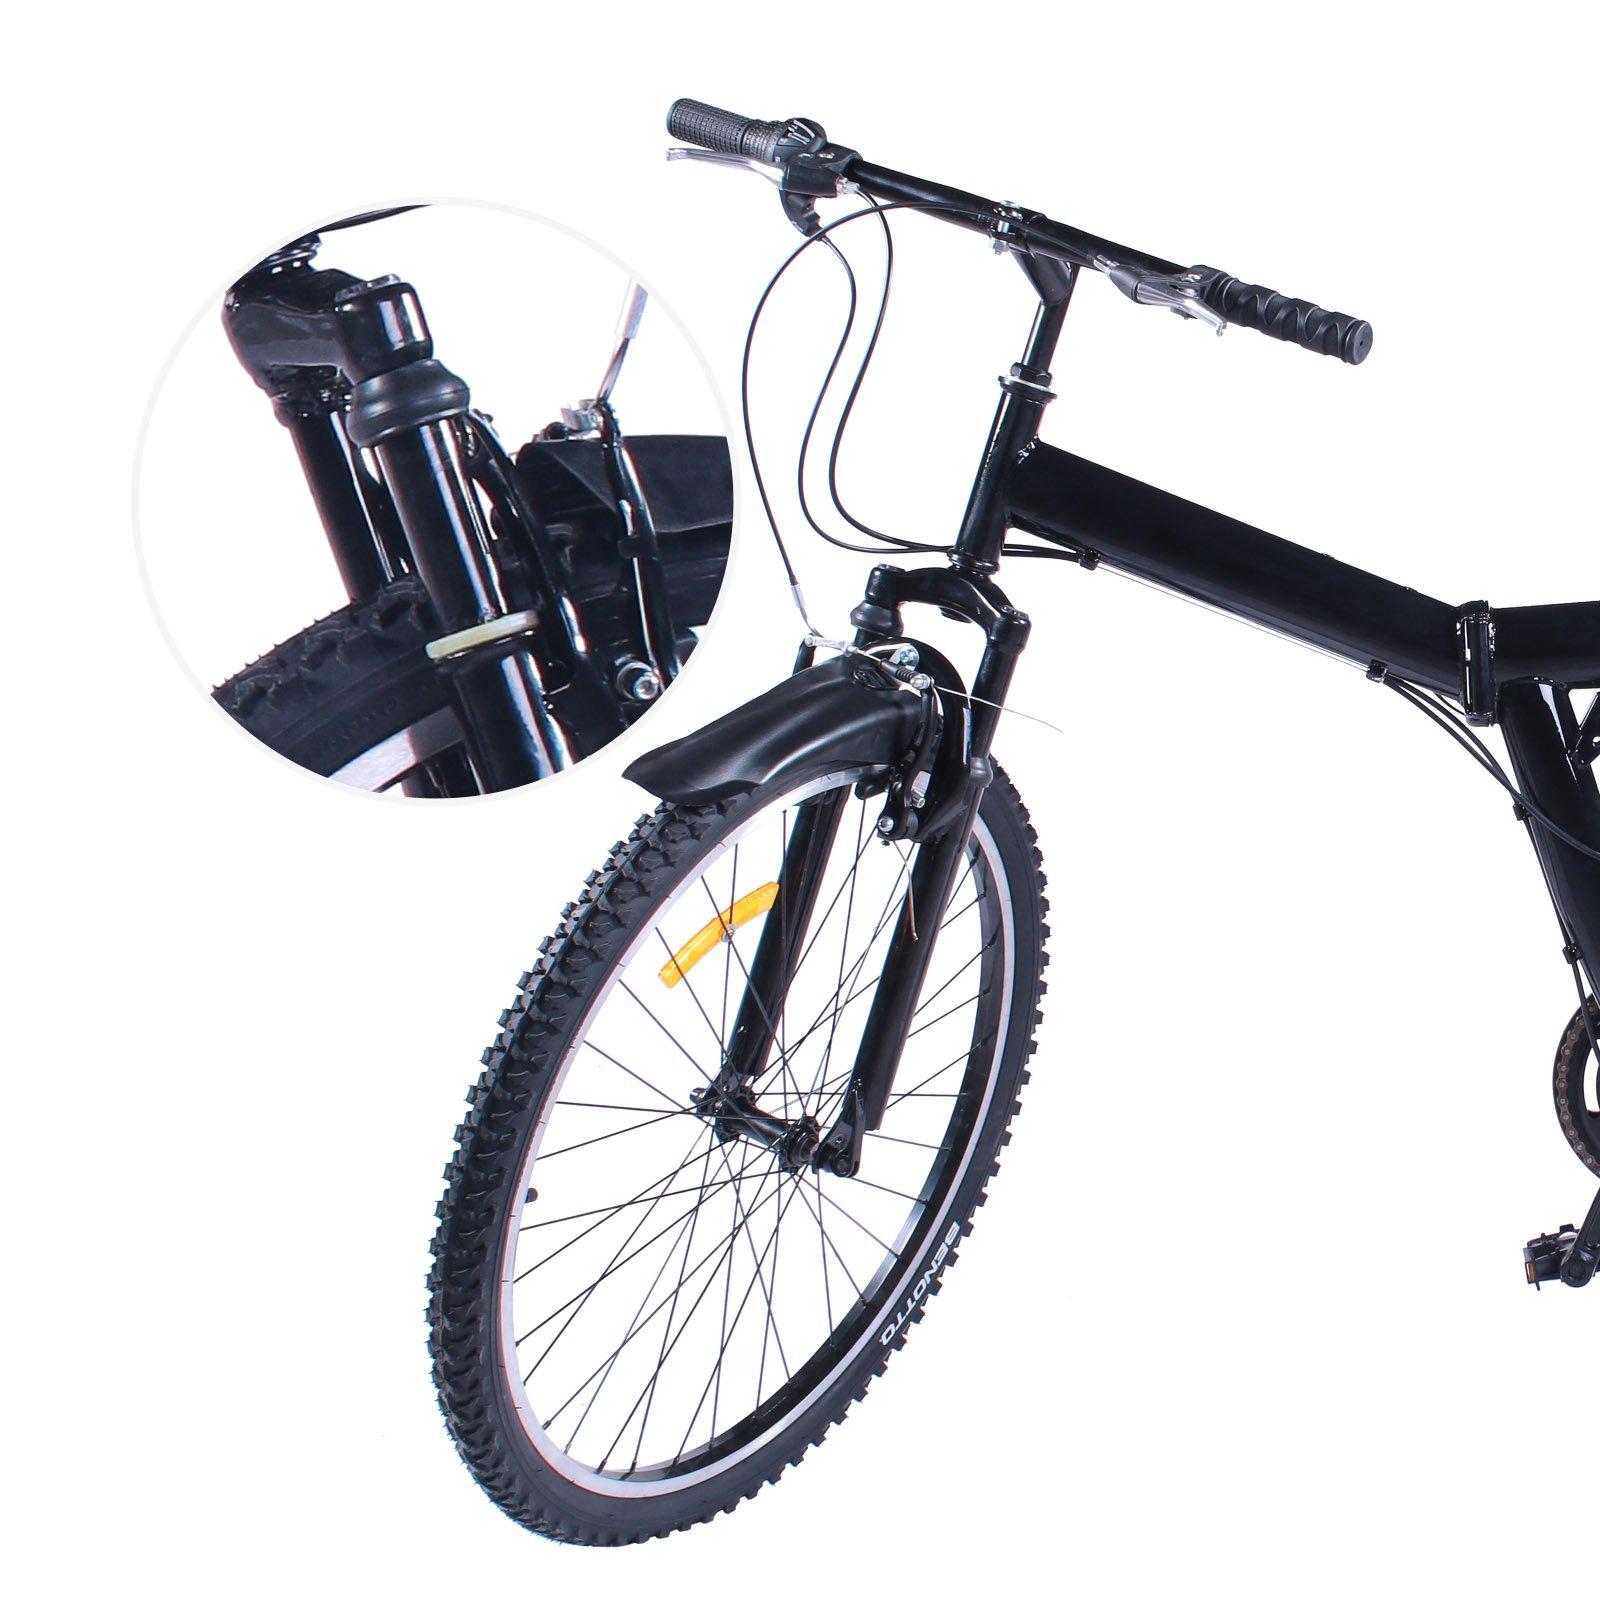 VEVOR Bicicleta MontañA Shimano De Acero Al Carbono MTB 26 Inch ...